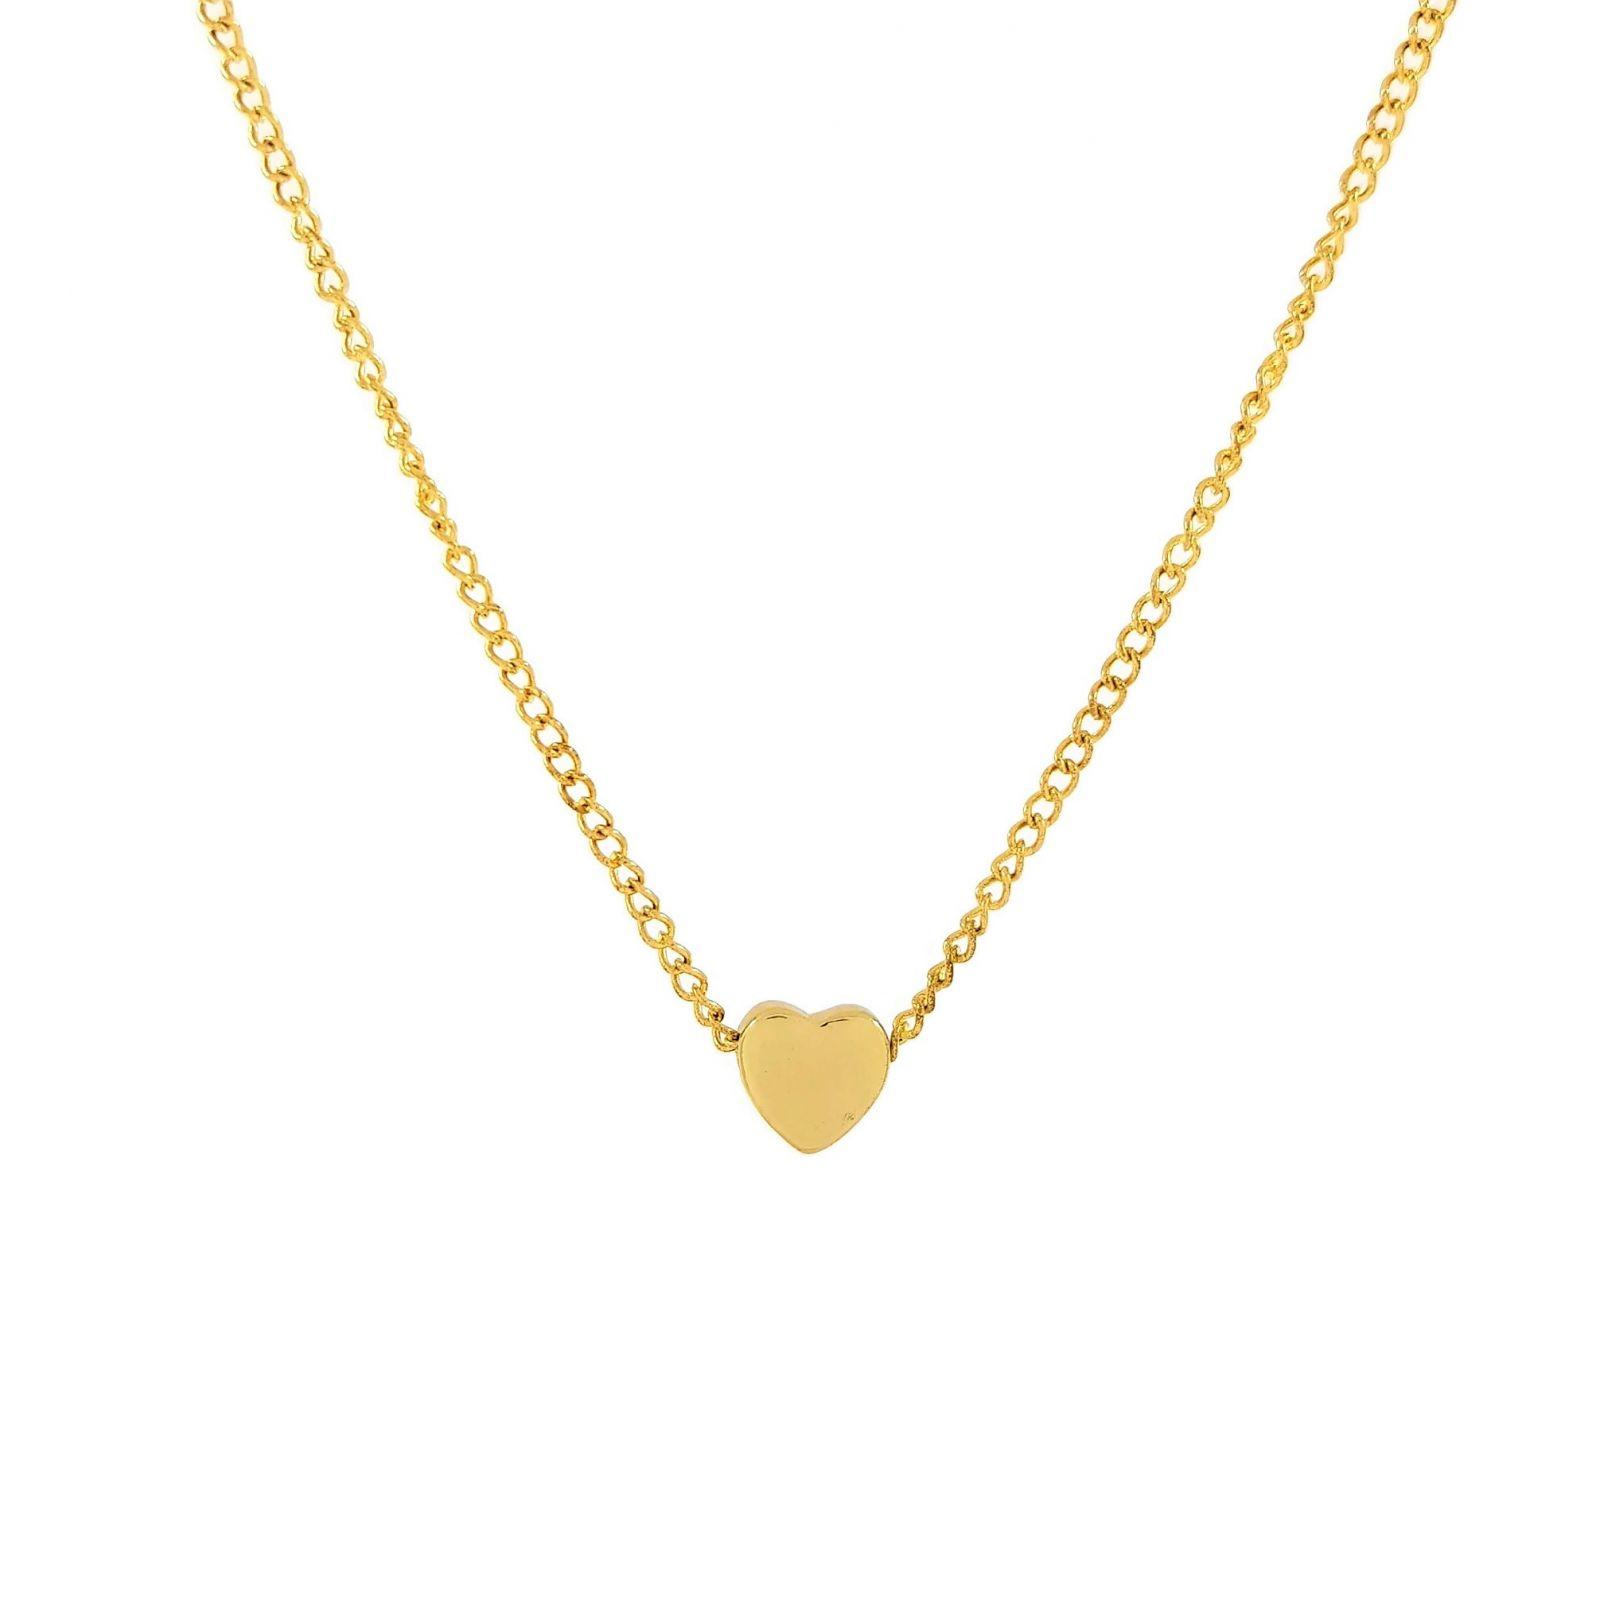 Zlatý řetízkový náhrdelník se srdíčkem GIIL